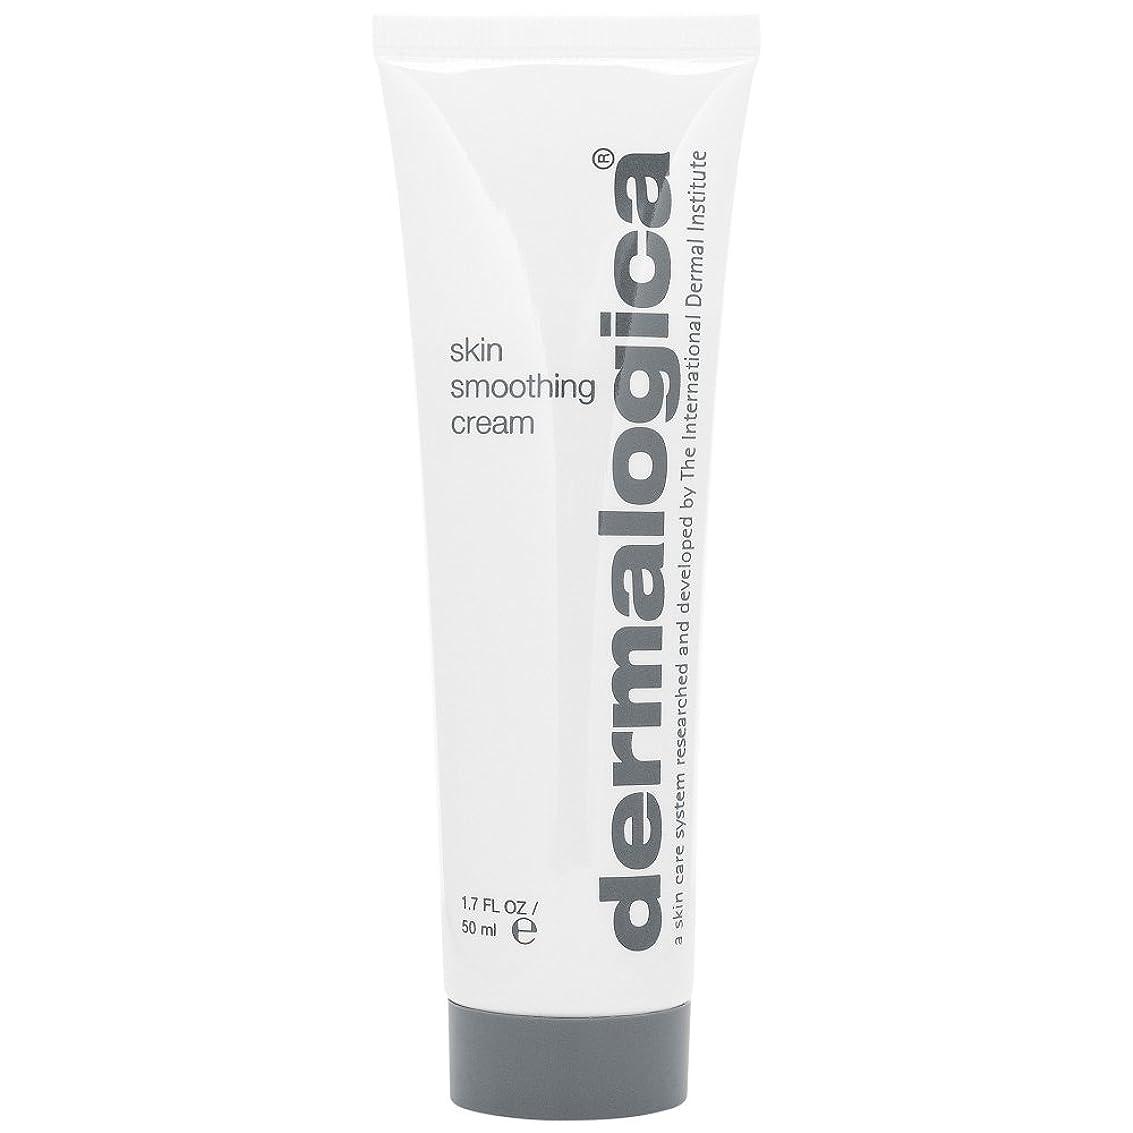 アパル曖昧なの配列ダーマロジカスキンスムージングクリーム50ミリリットル (Dermalogica) (x6) - Dermalogica Skin Smoothing Cream 50ml (Pack of 6) [並行輸入品]